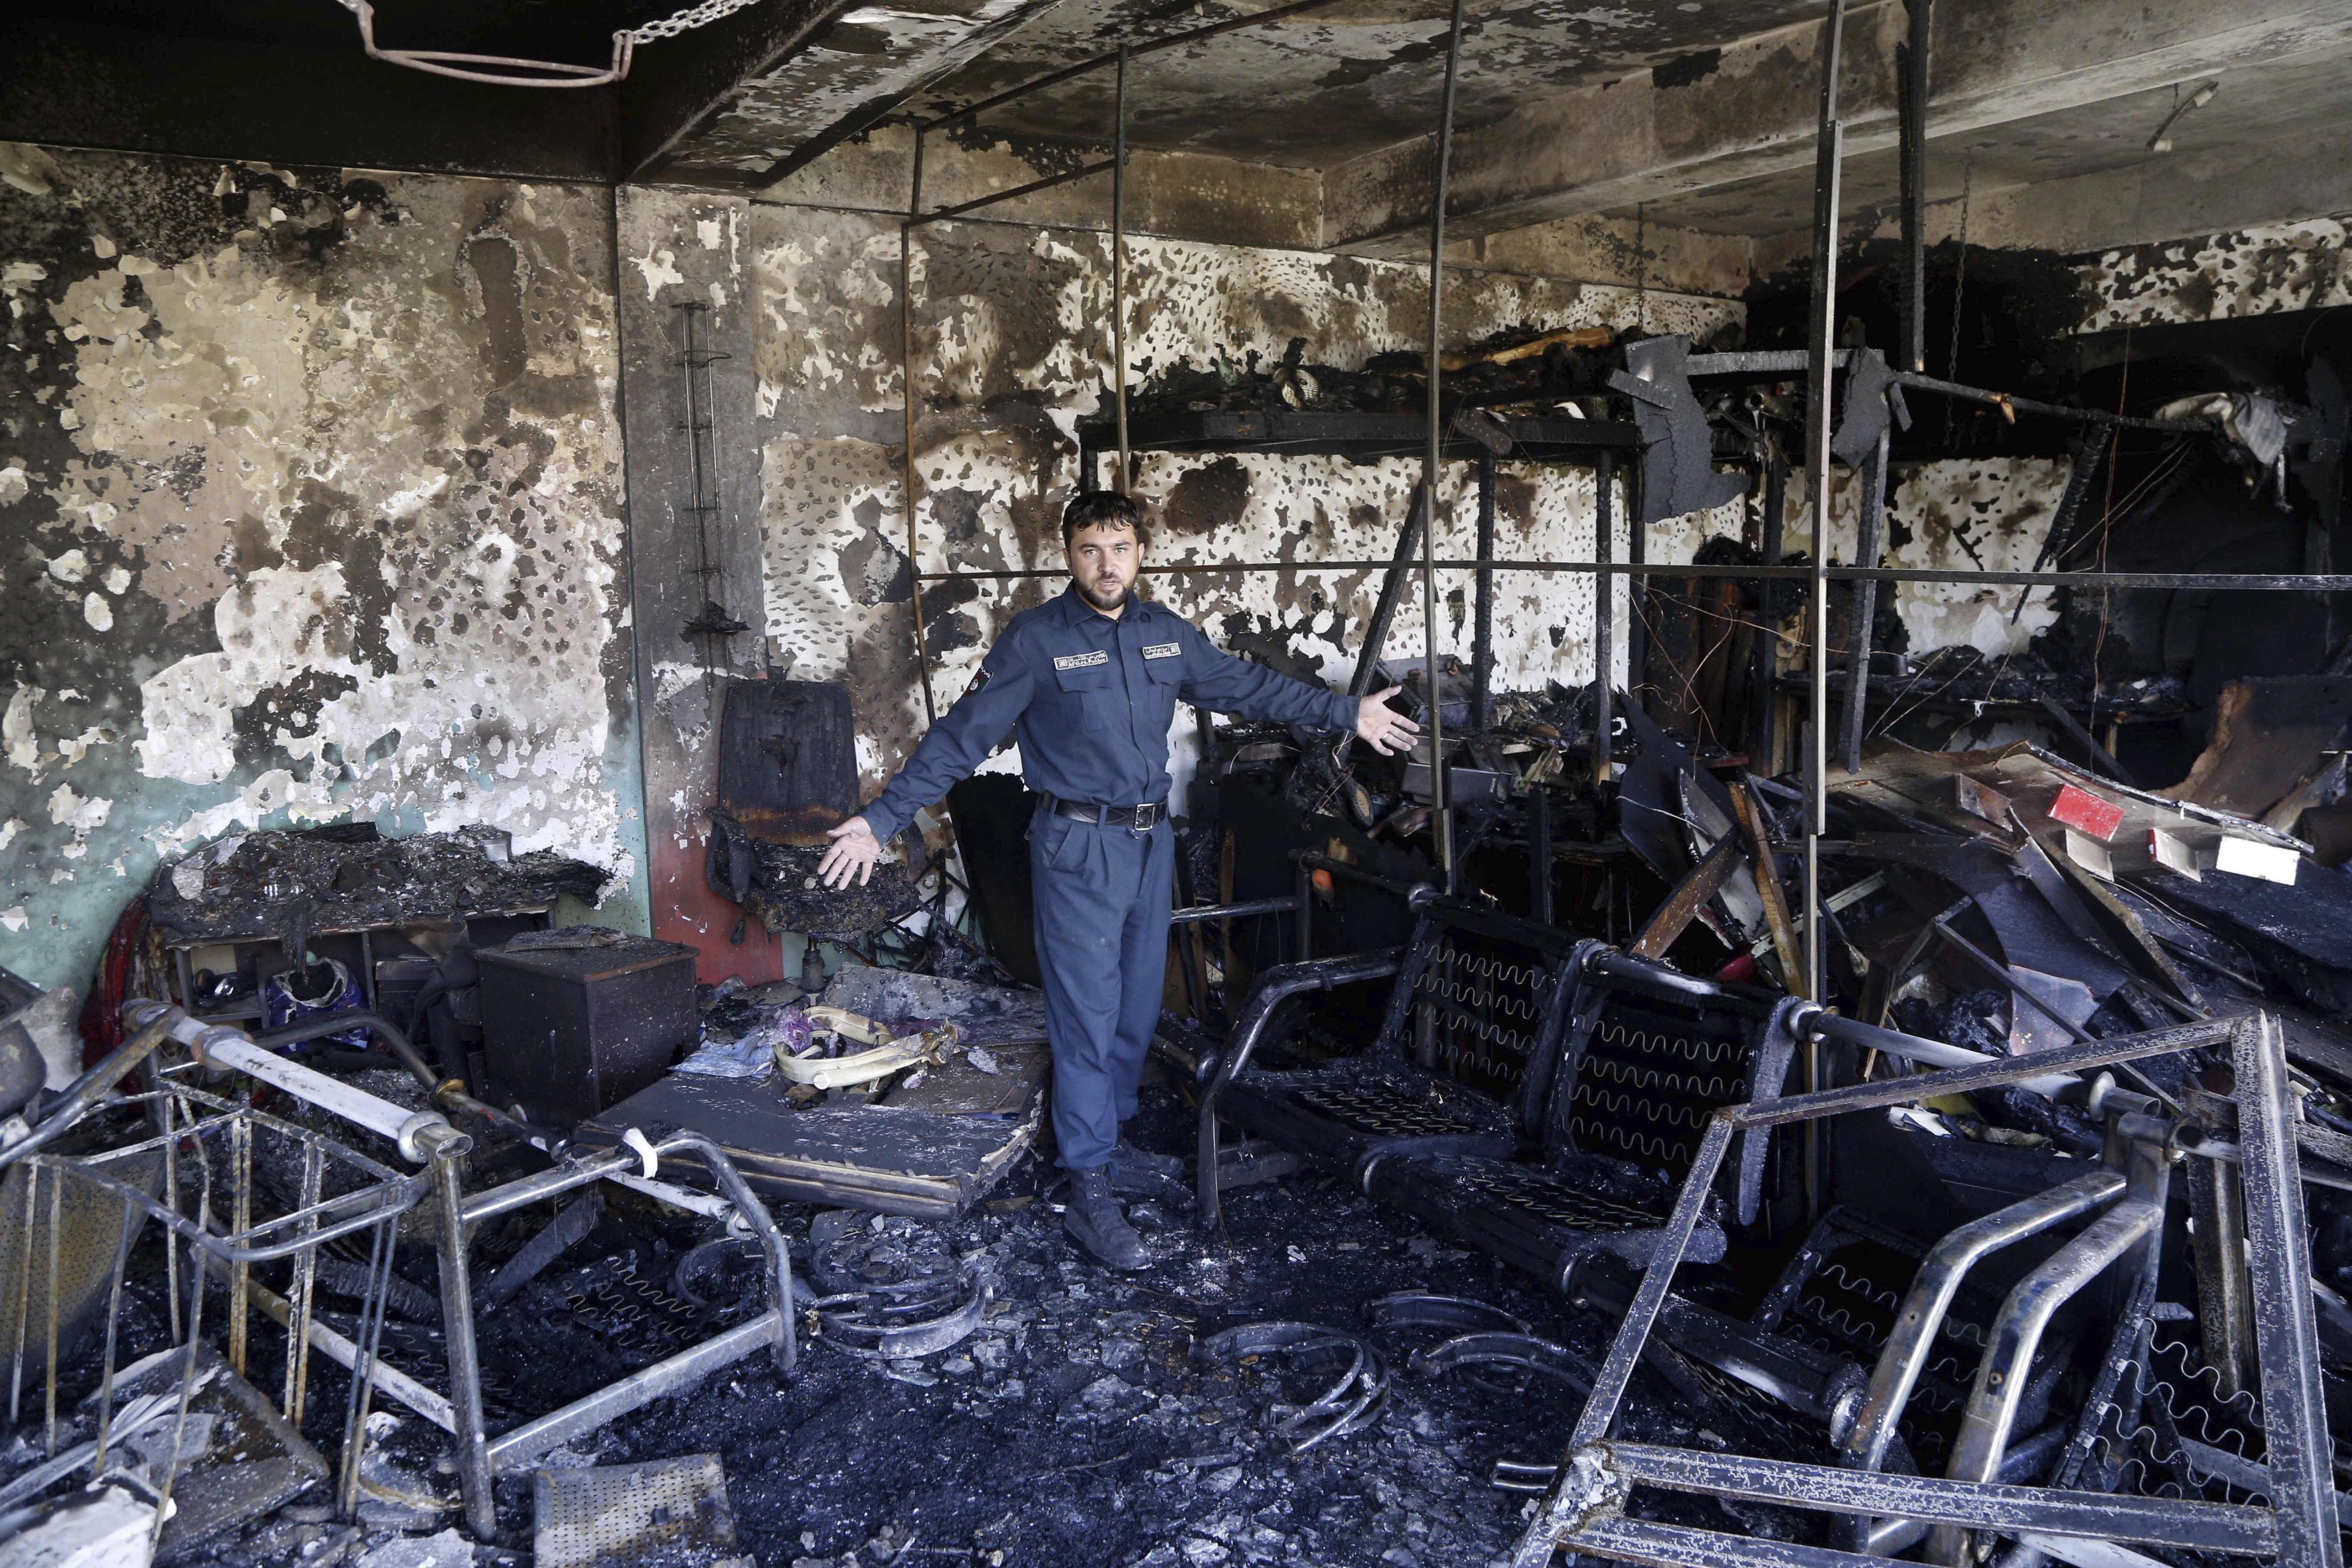 Un efectiu de les forces de seguretat inspecciona el lloc després de l'atemptat suïcida perpetrat a Kabul (Afganistan). /HEDAYATULLAH AMID